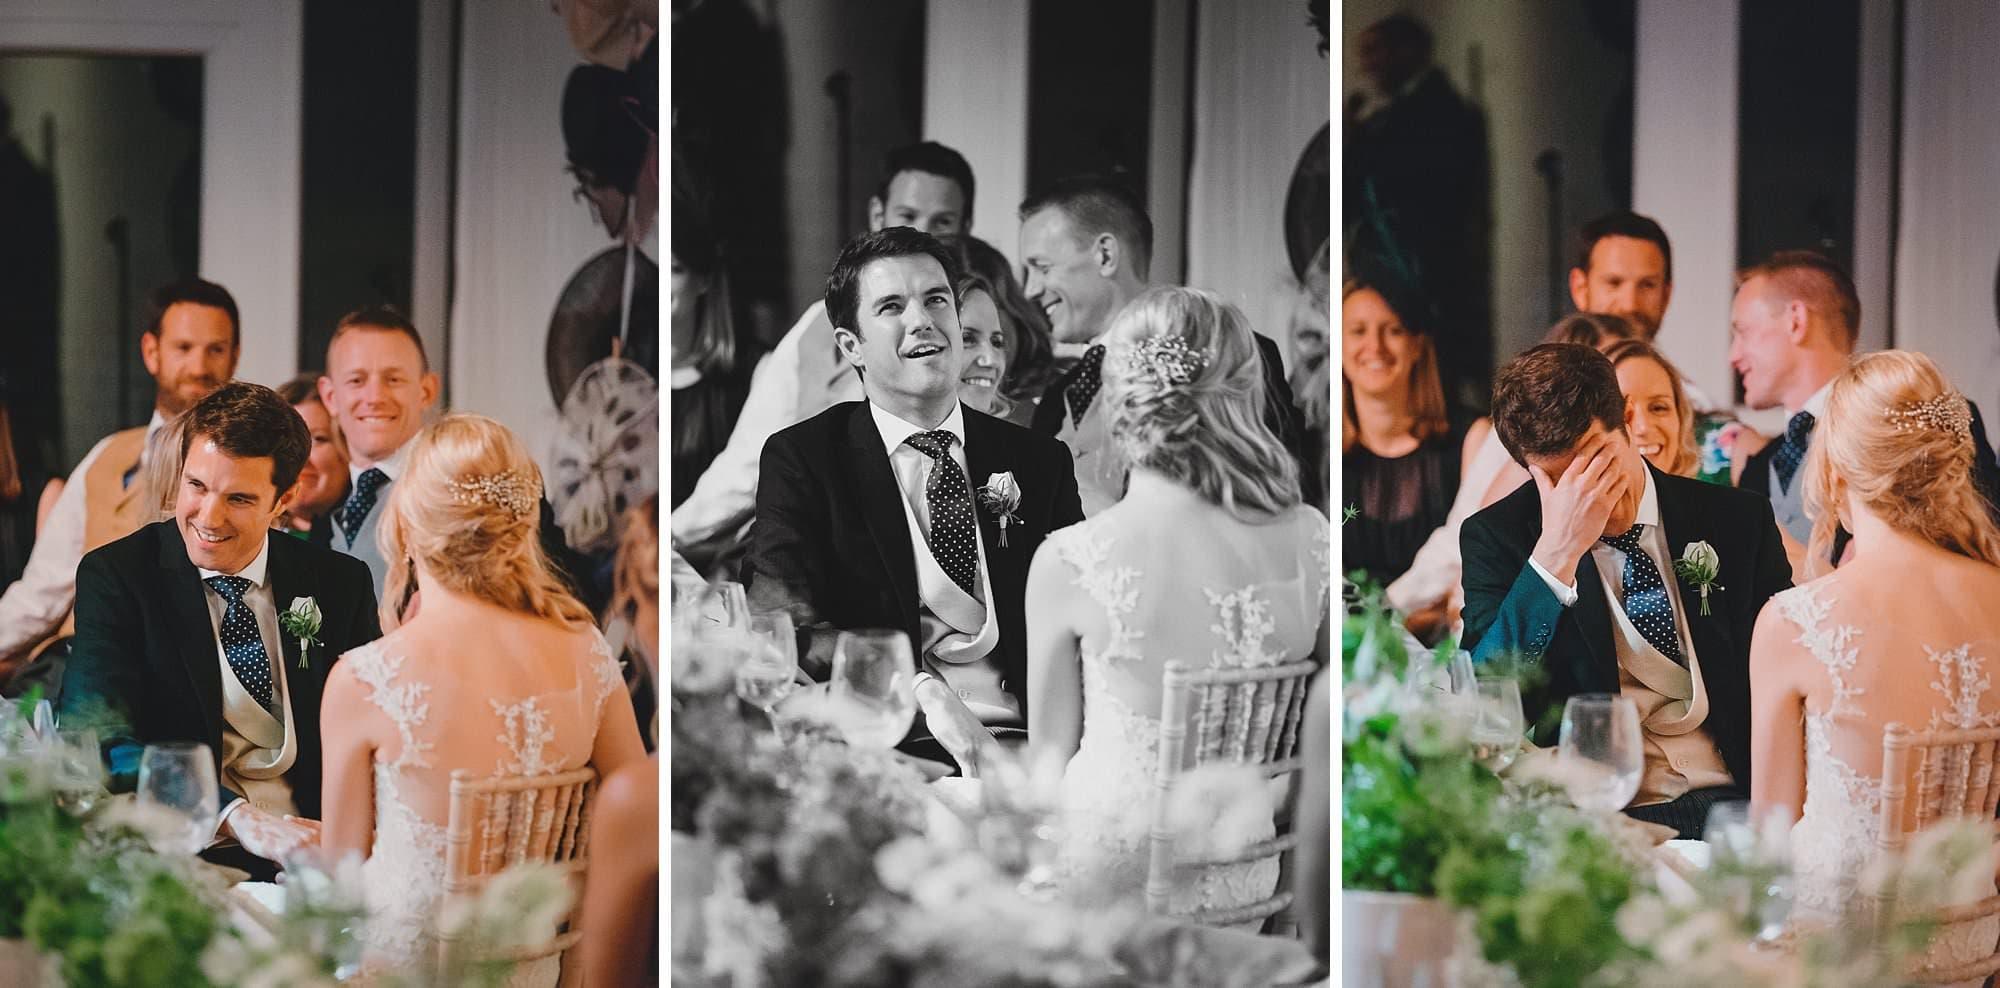 fulham palace wedding photographer 081 - Rosanna & Duncan's Fulham Palace Wedding